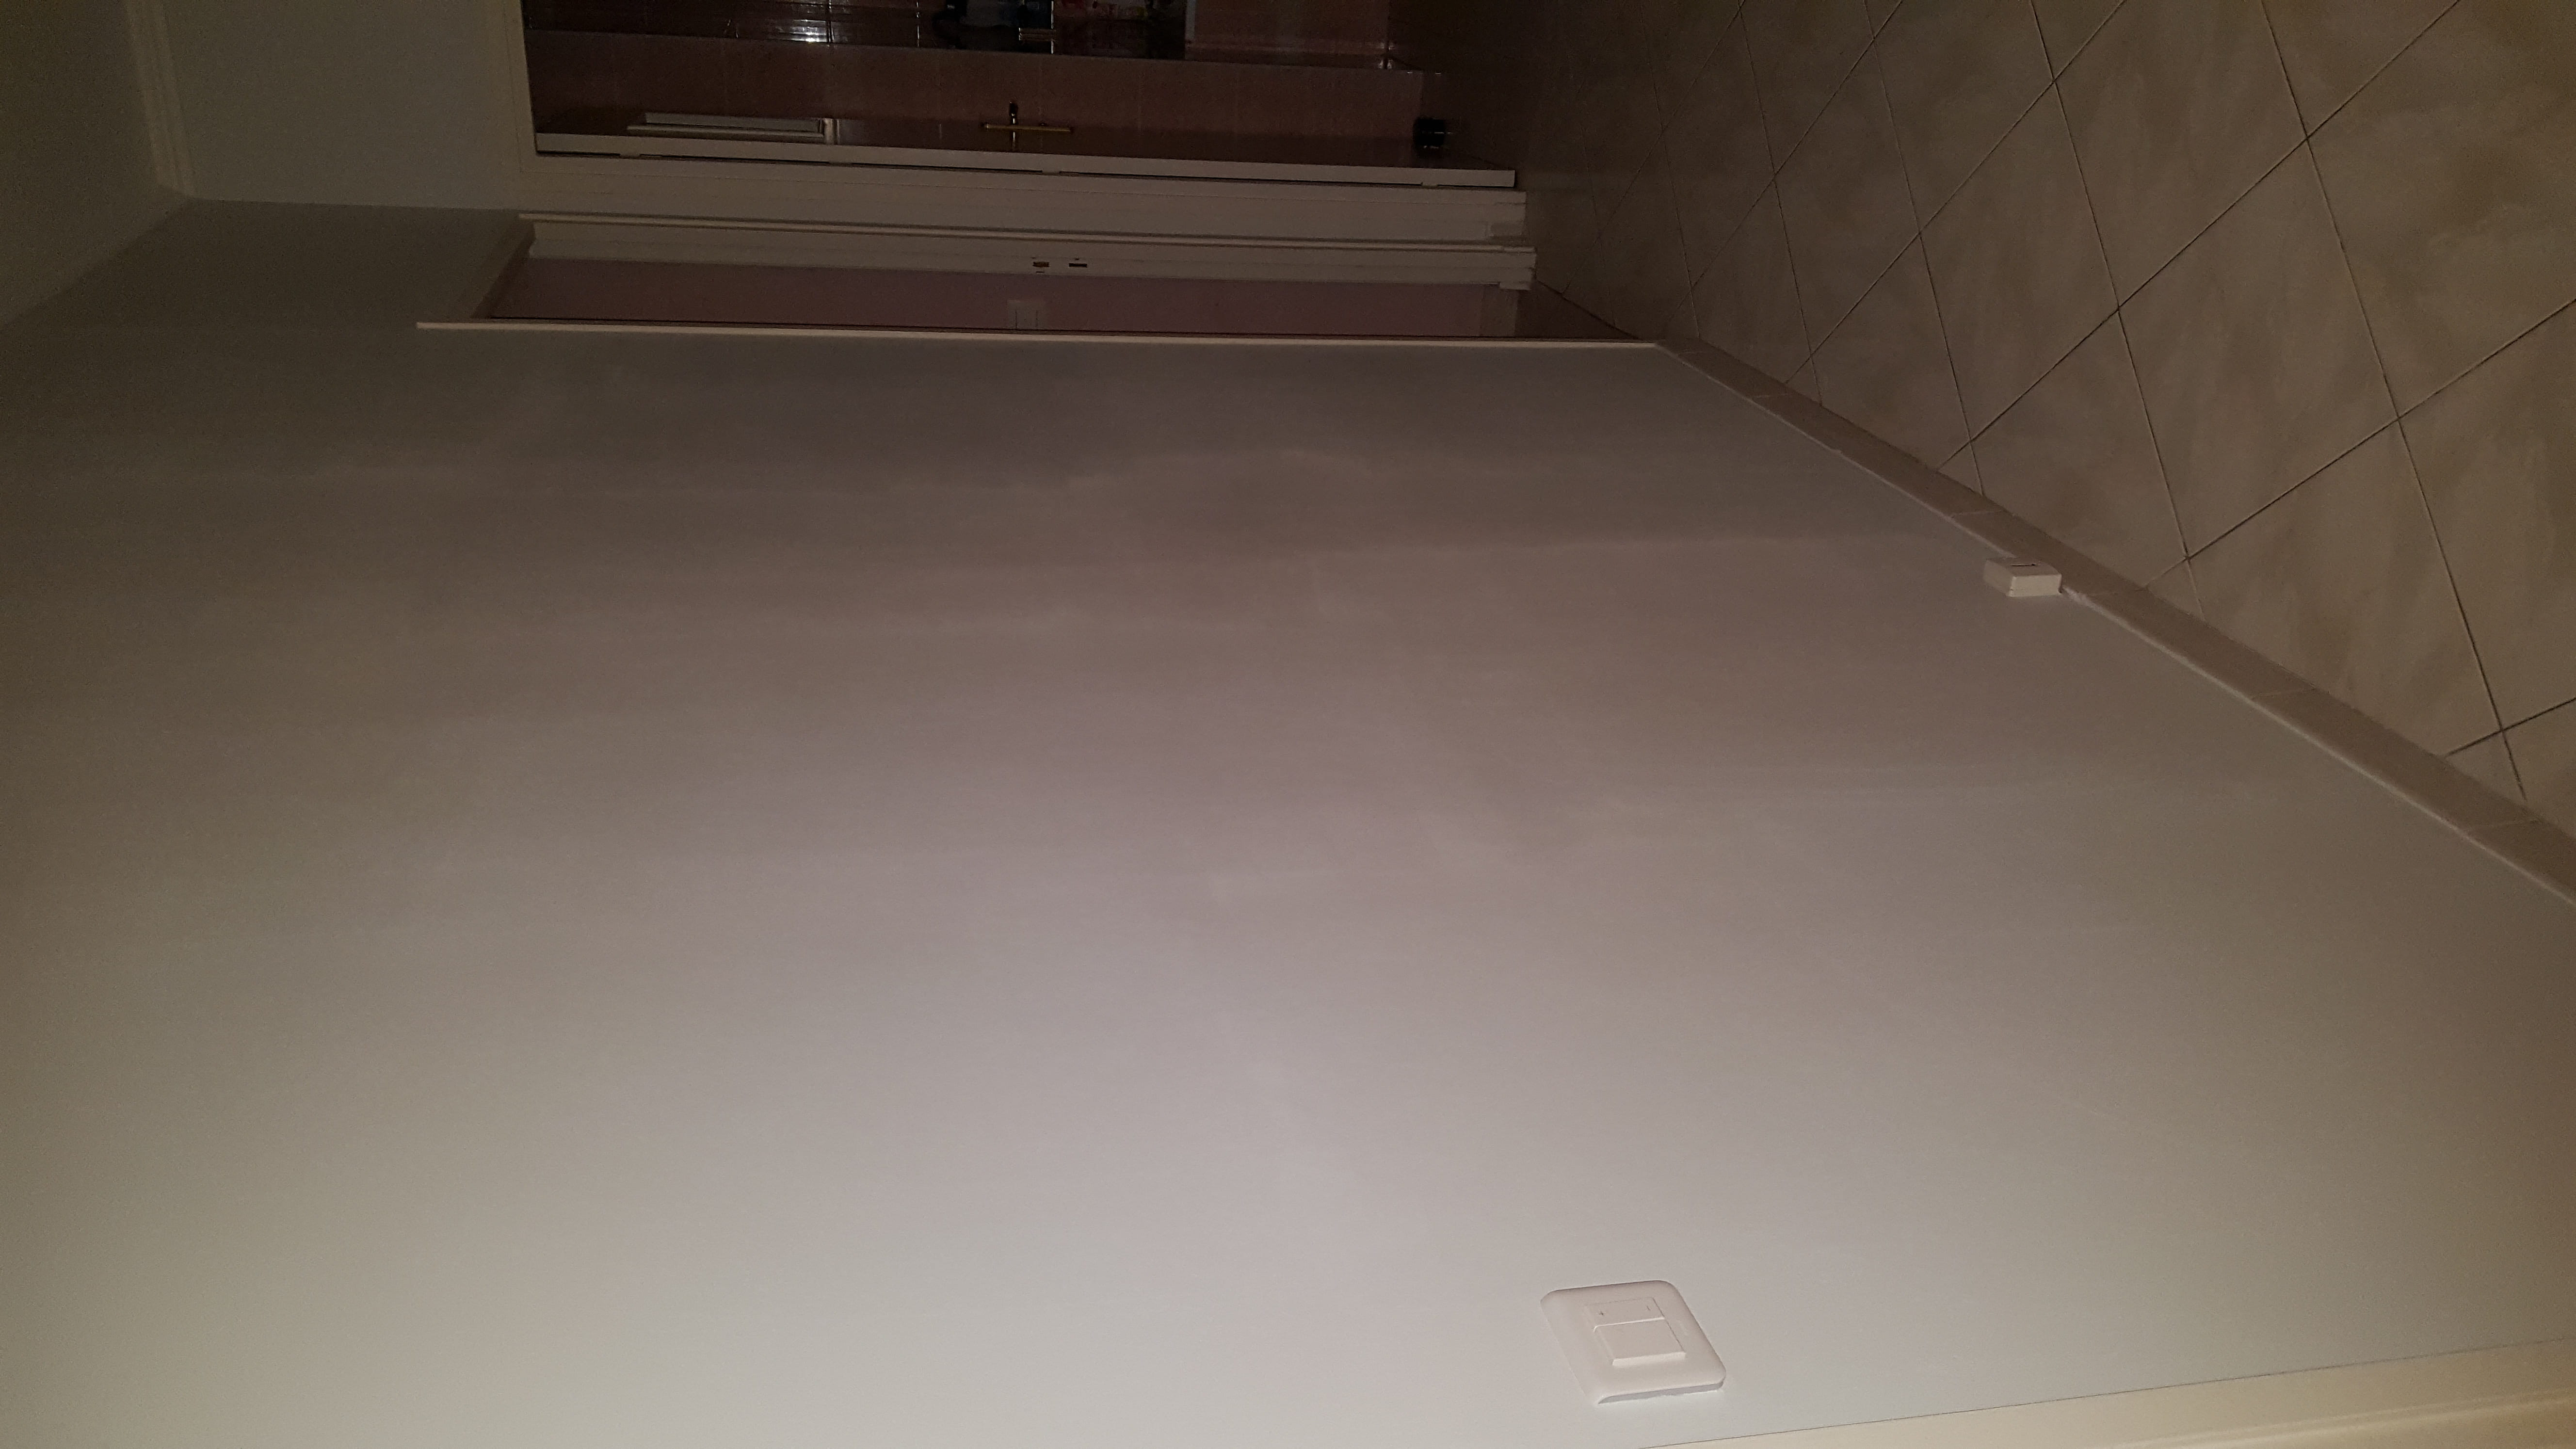 Comment Peindre Un Plafond Sans Trace traces de rouleau - linternaute